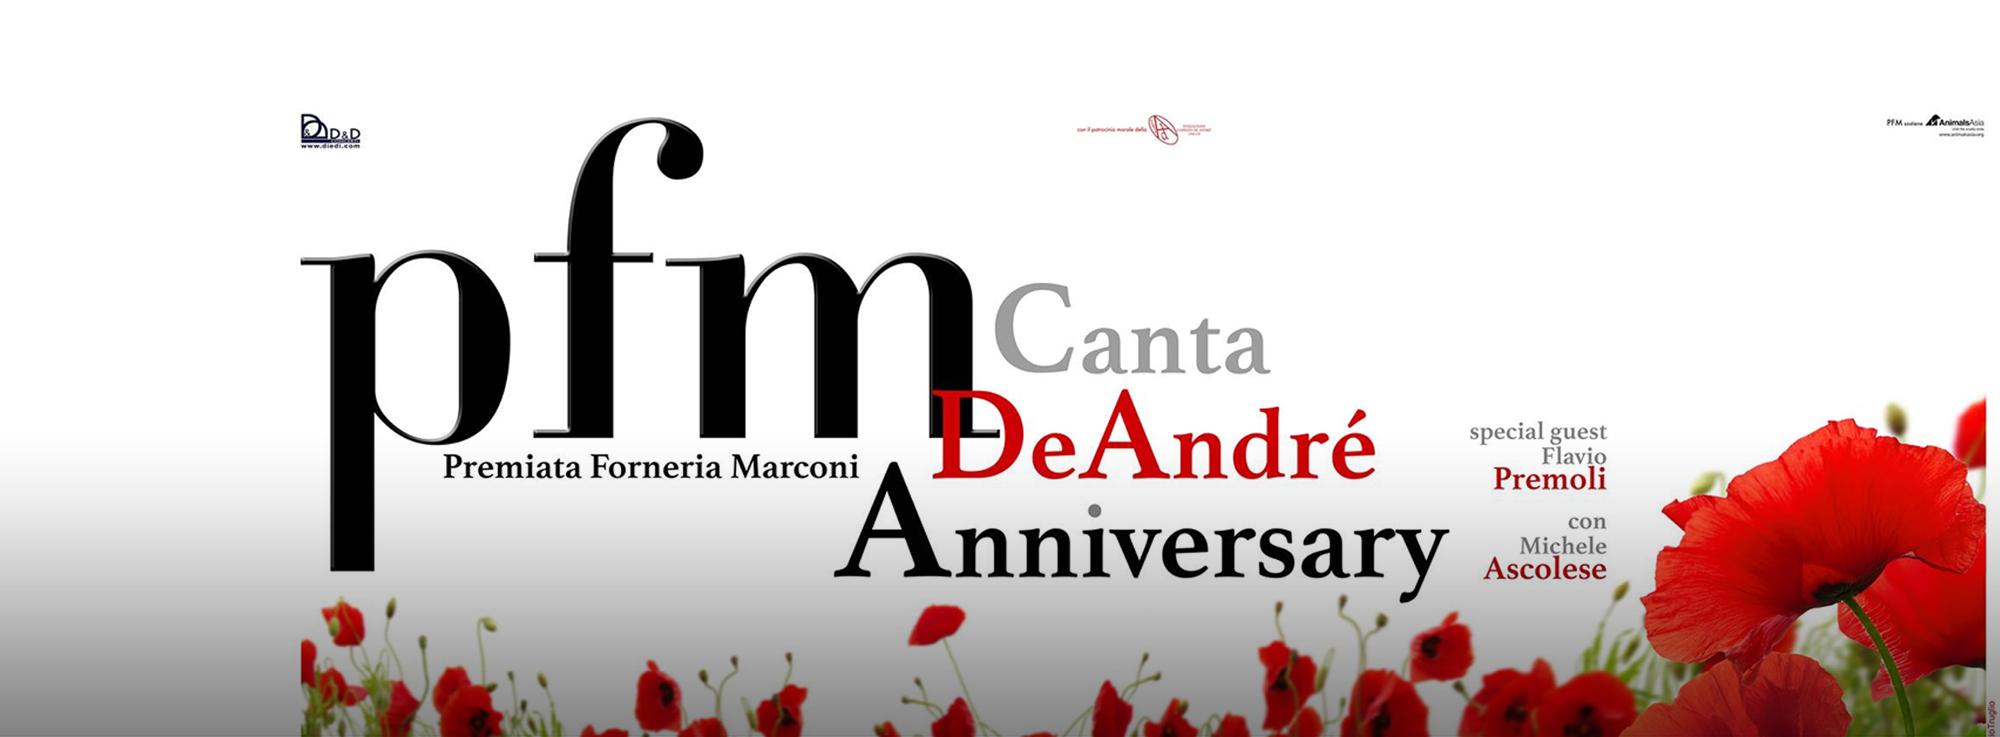 Martina Franca: PFM canta De André - Anniversary